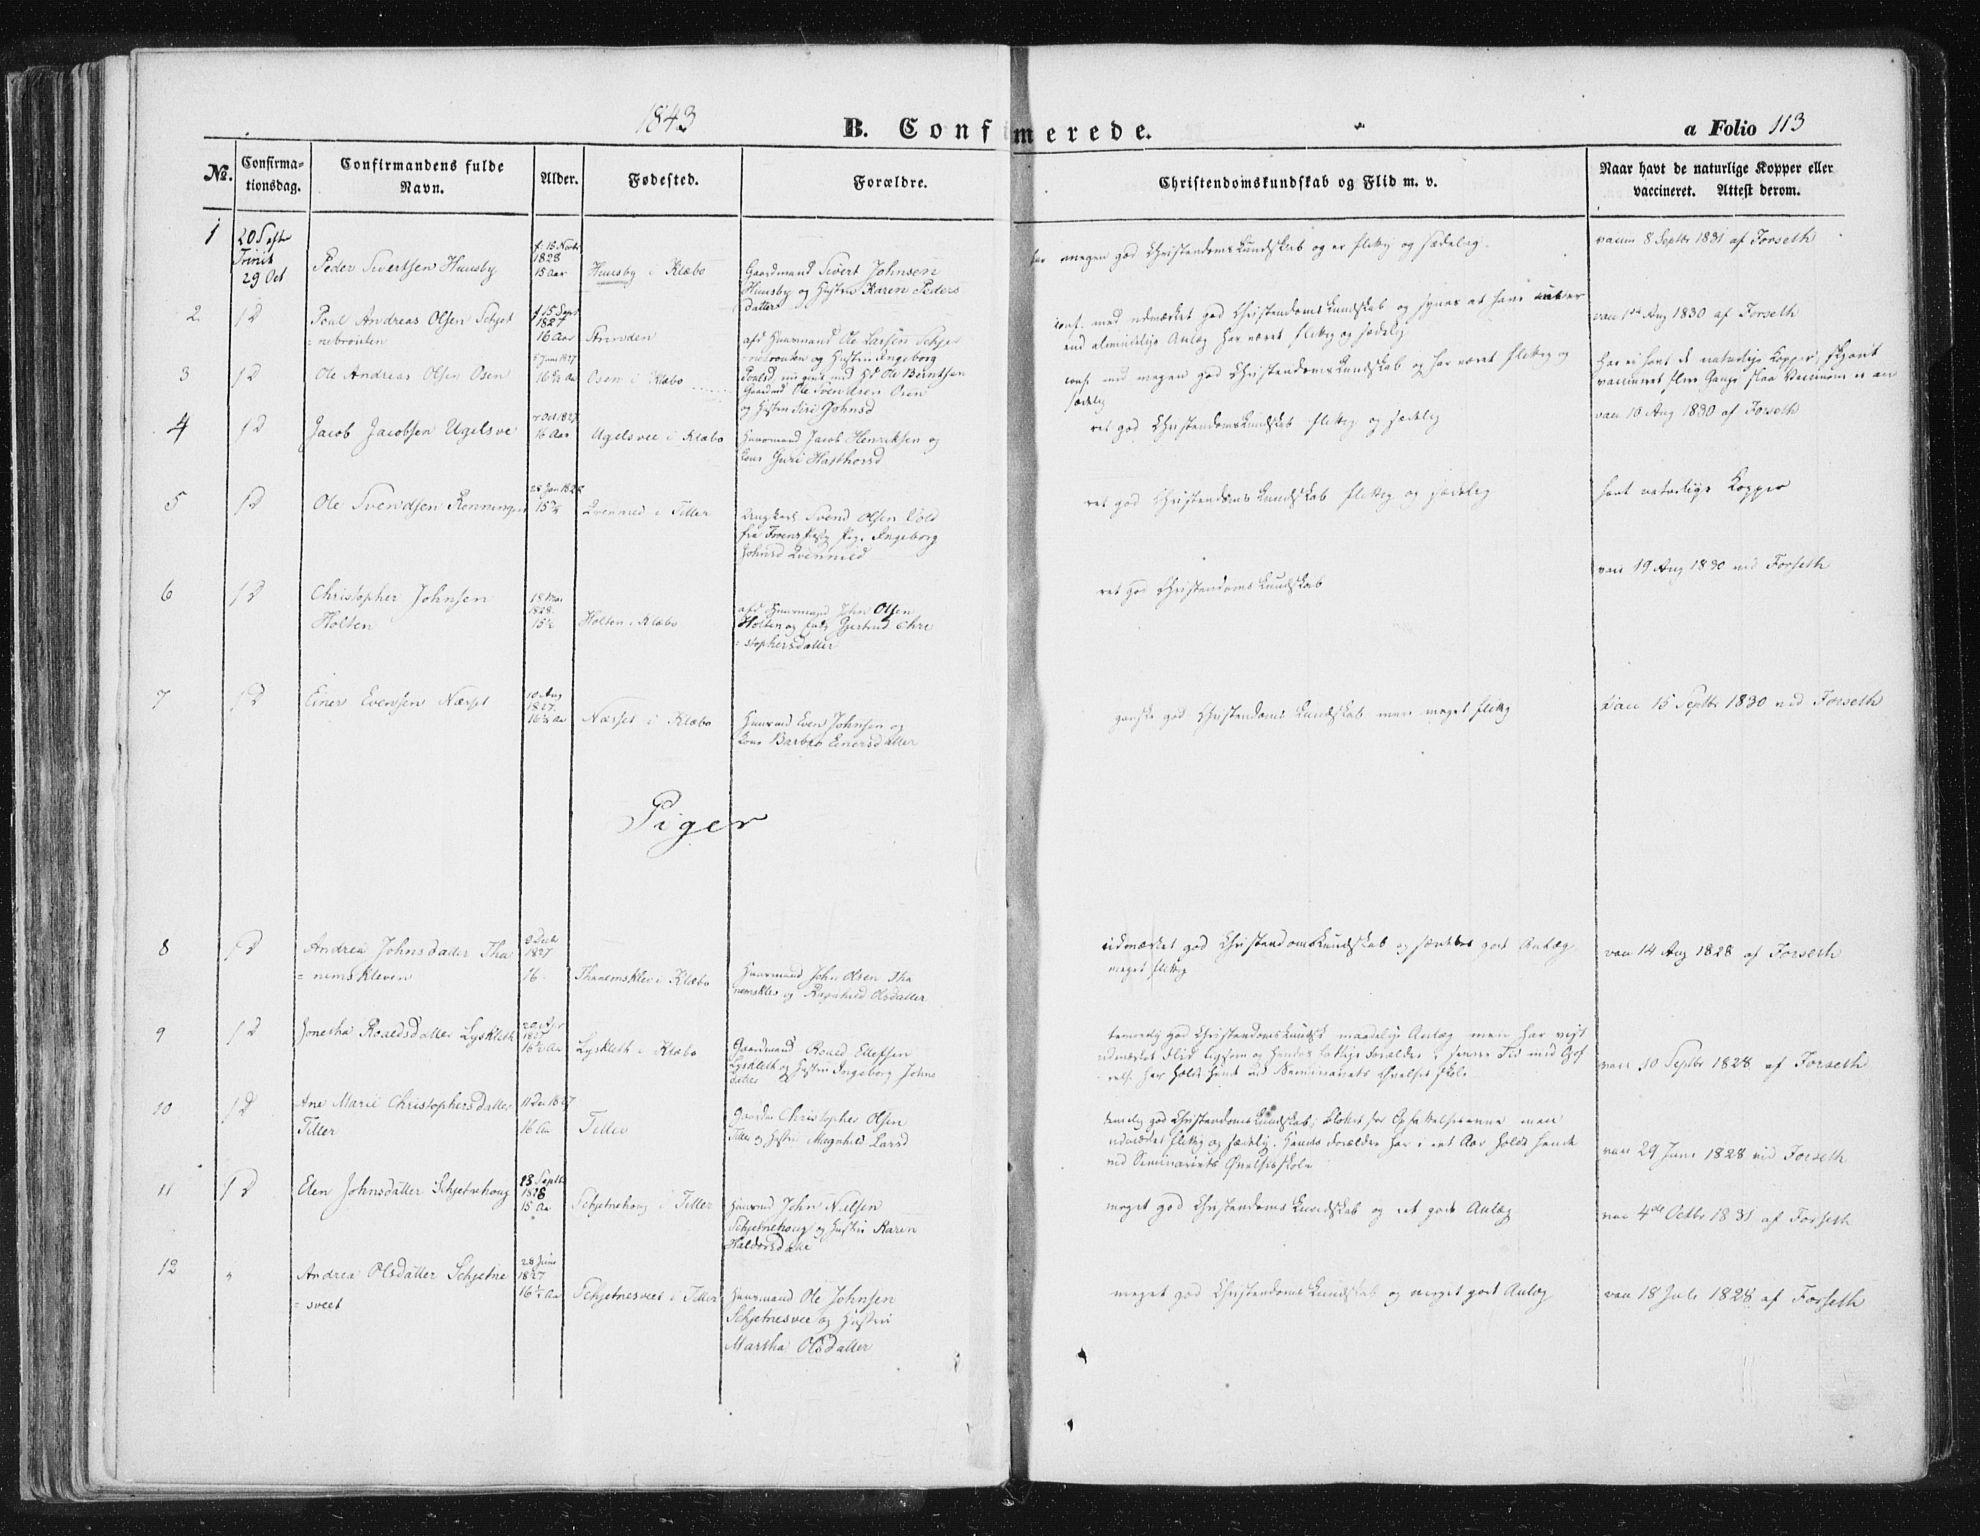 SAT, Ministerialprotokoller, klokkerbøker og fødselsregistre - Sør-Trøndelag, 618/L0441: Ministerialbok nr. 618A05, 1843-1862, s. 113